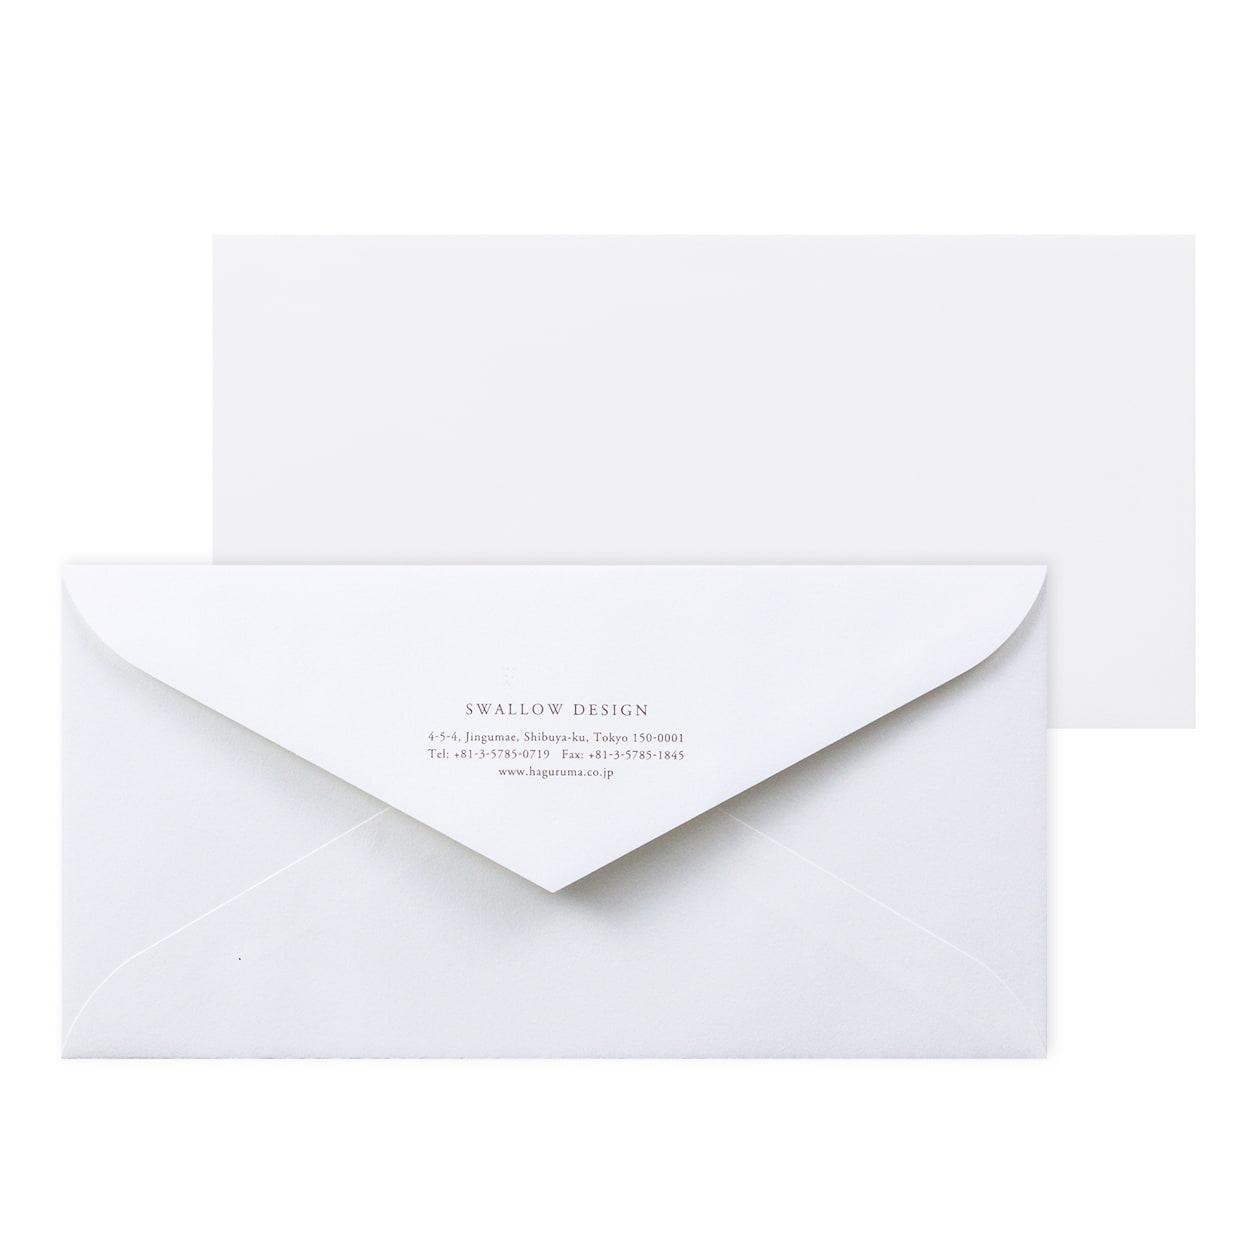 サンプル 封筒・袋 00073